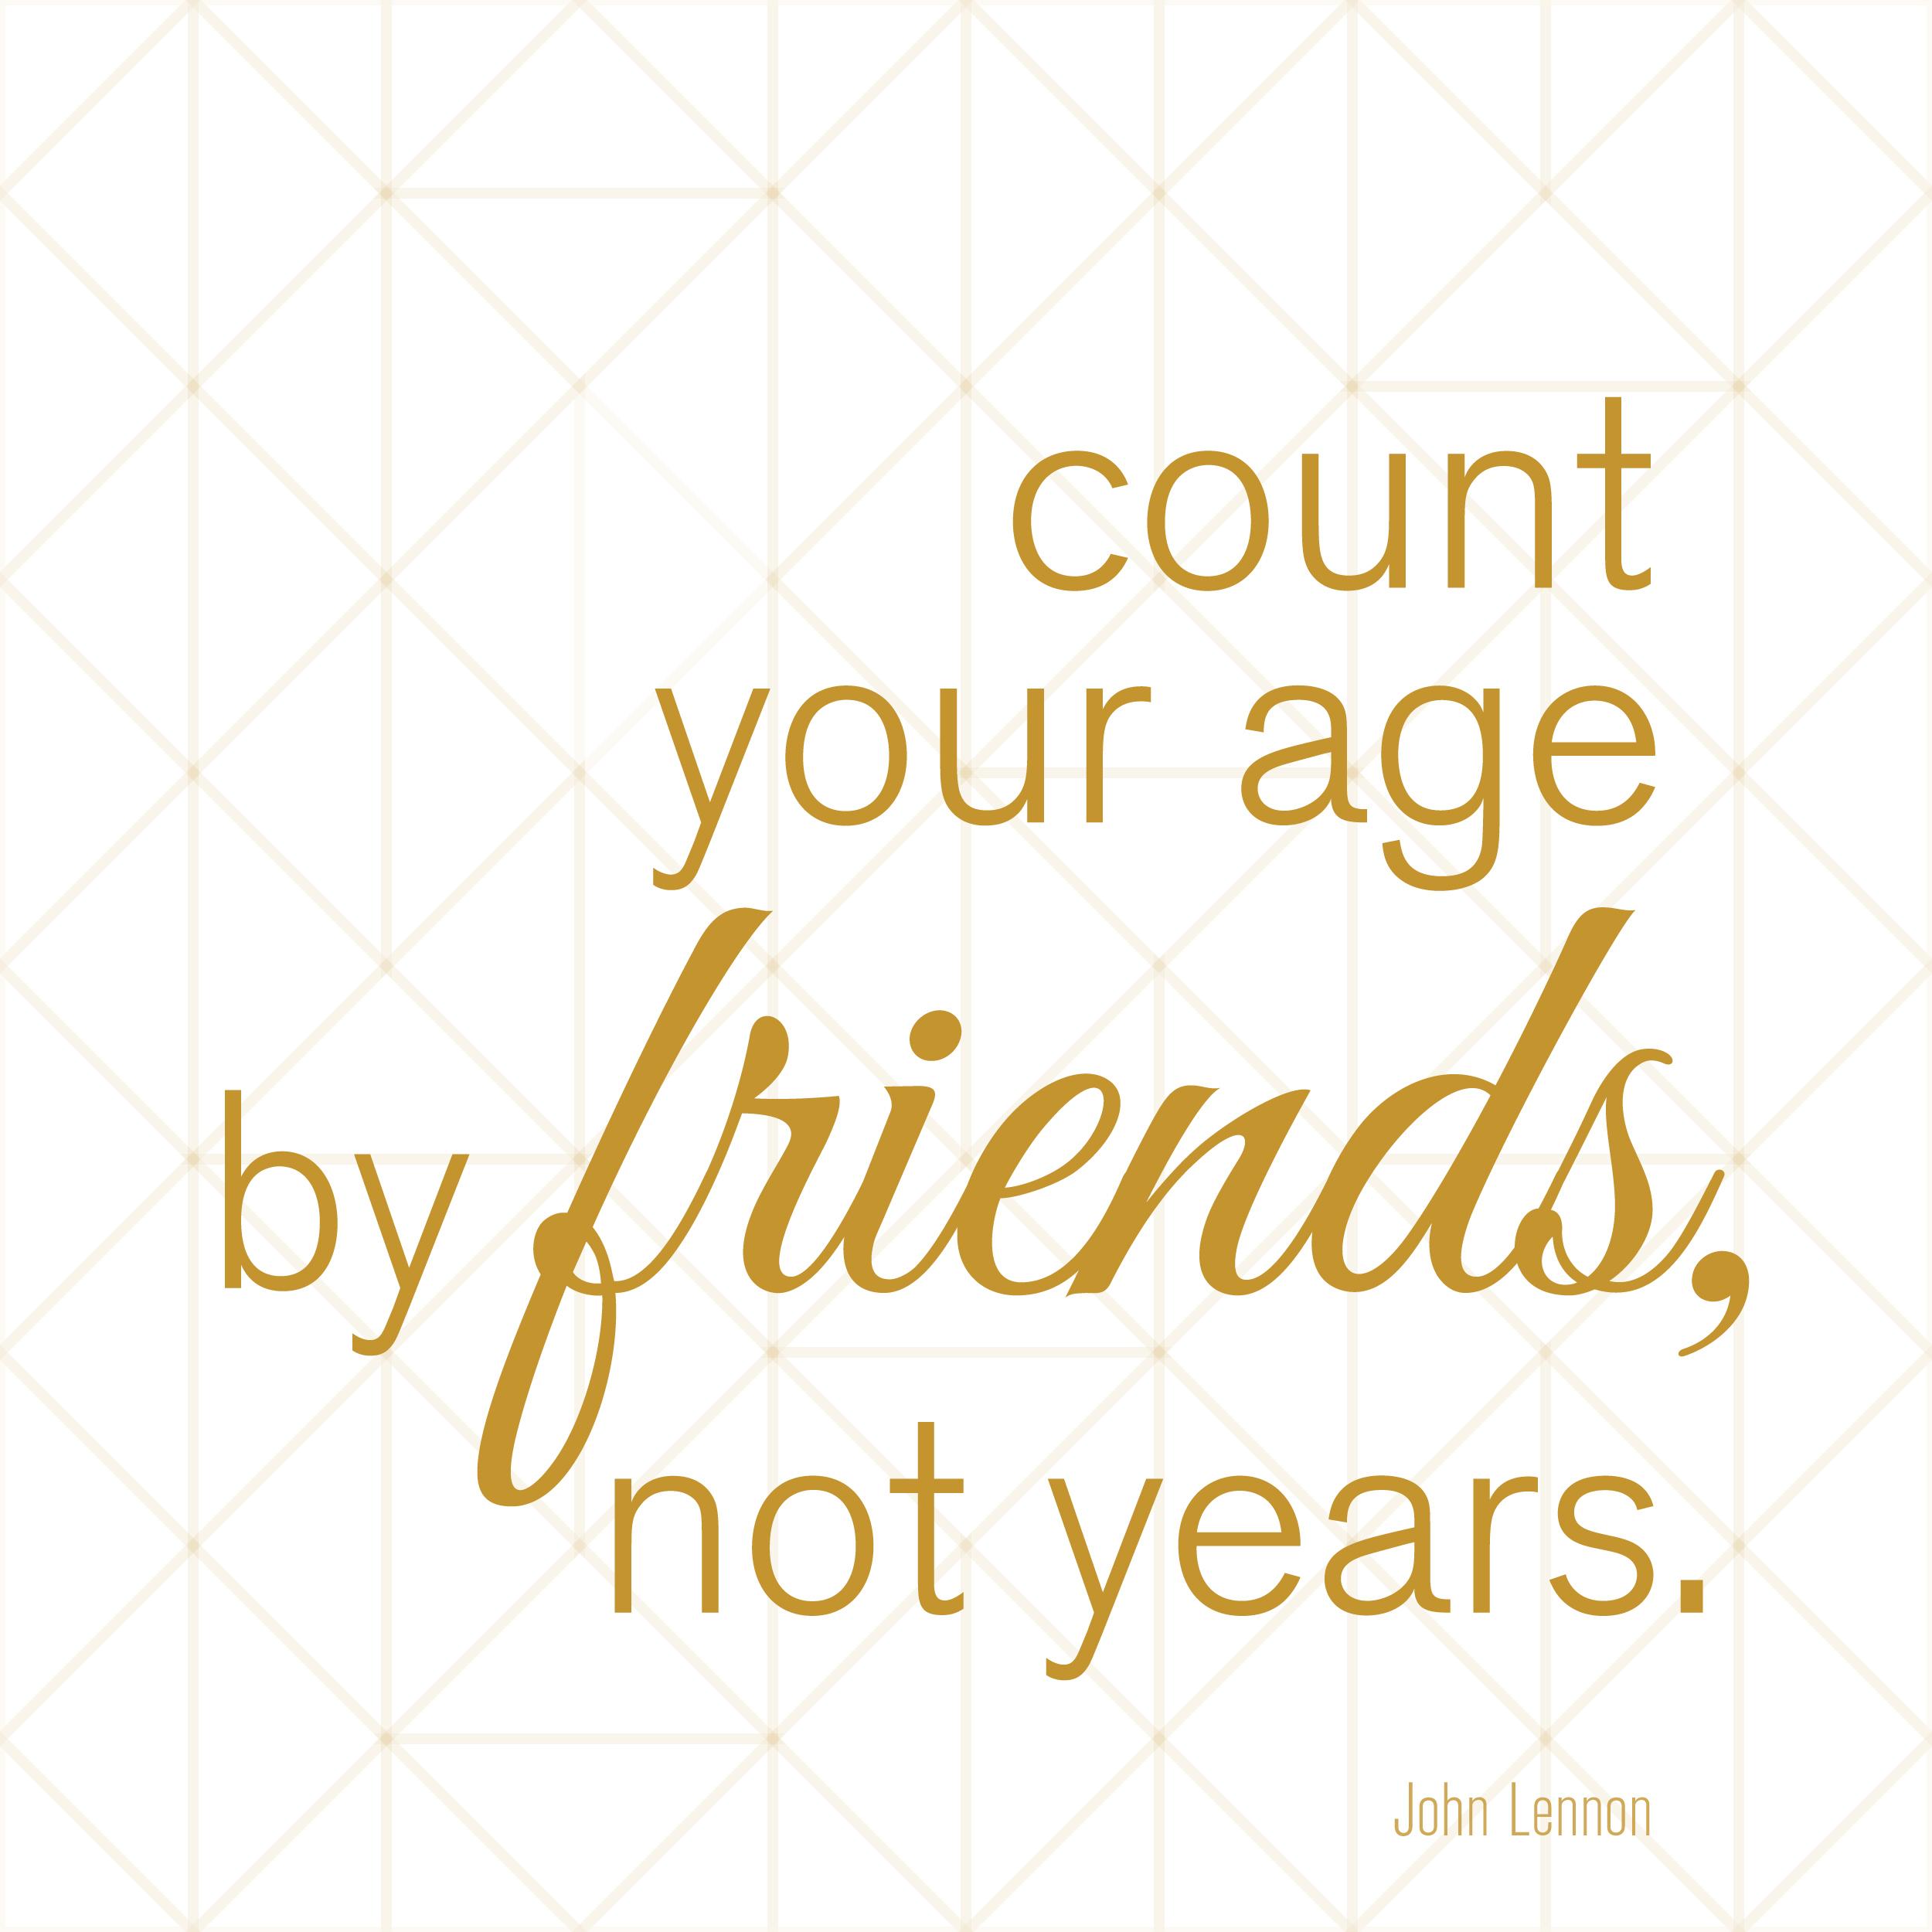 Dr Seuss Quotes About Friendship: Dr Seuss Quotes About Friends. QuotesGram